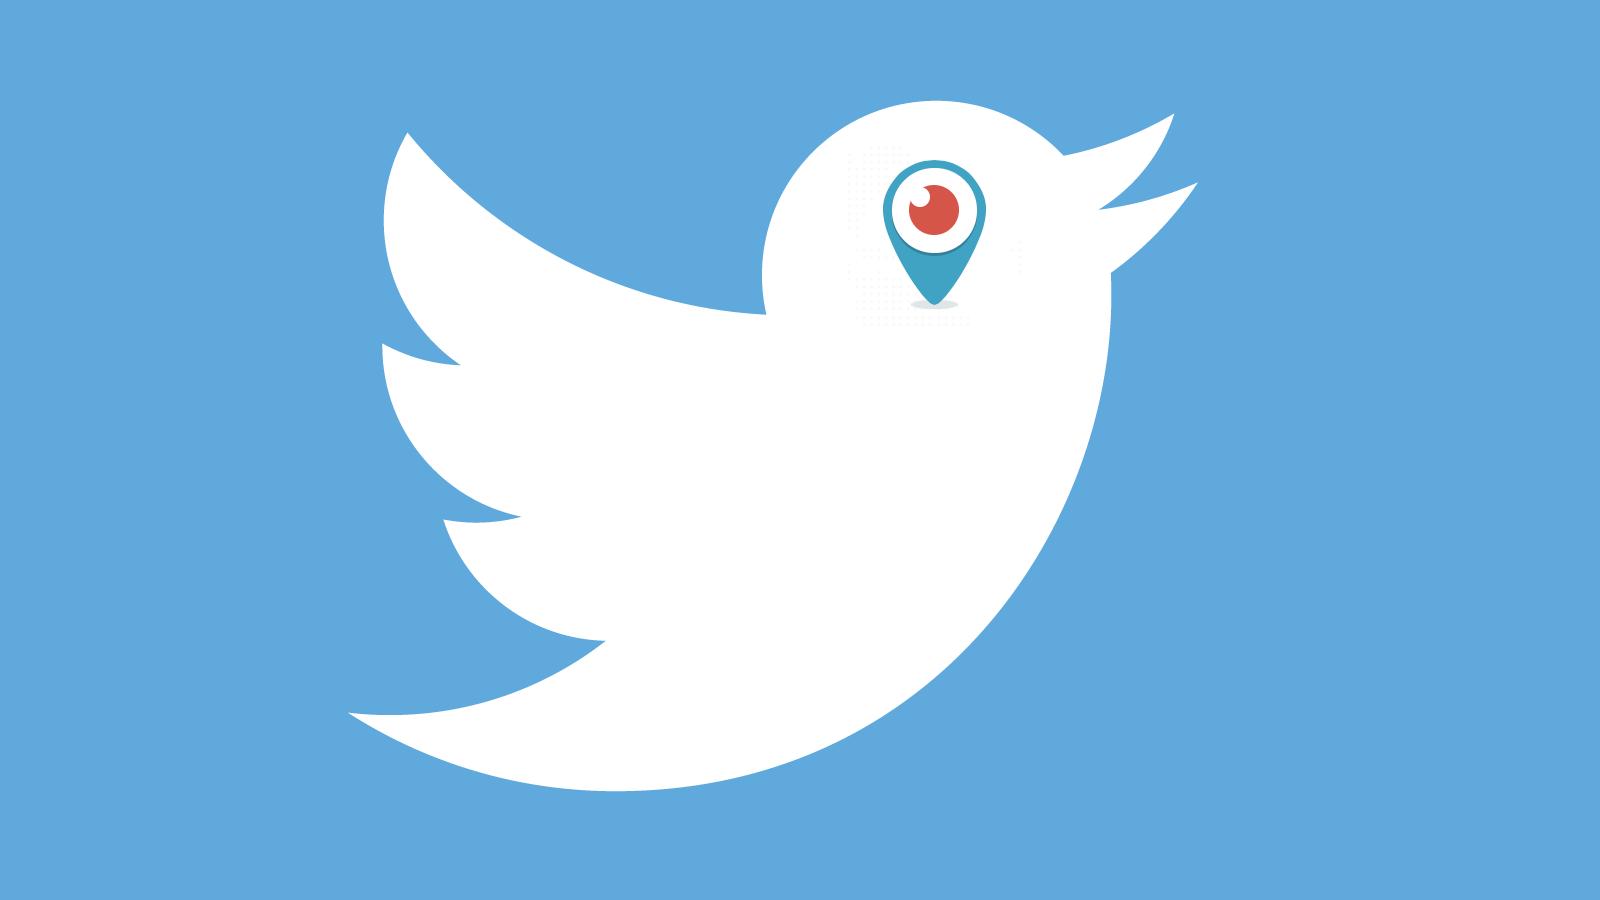 Türk Şirket, Twitter ve Periscope İçin Büyük Bir Tehdit Oluşturuyor